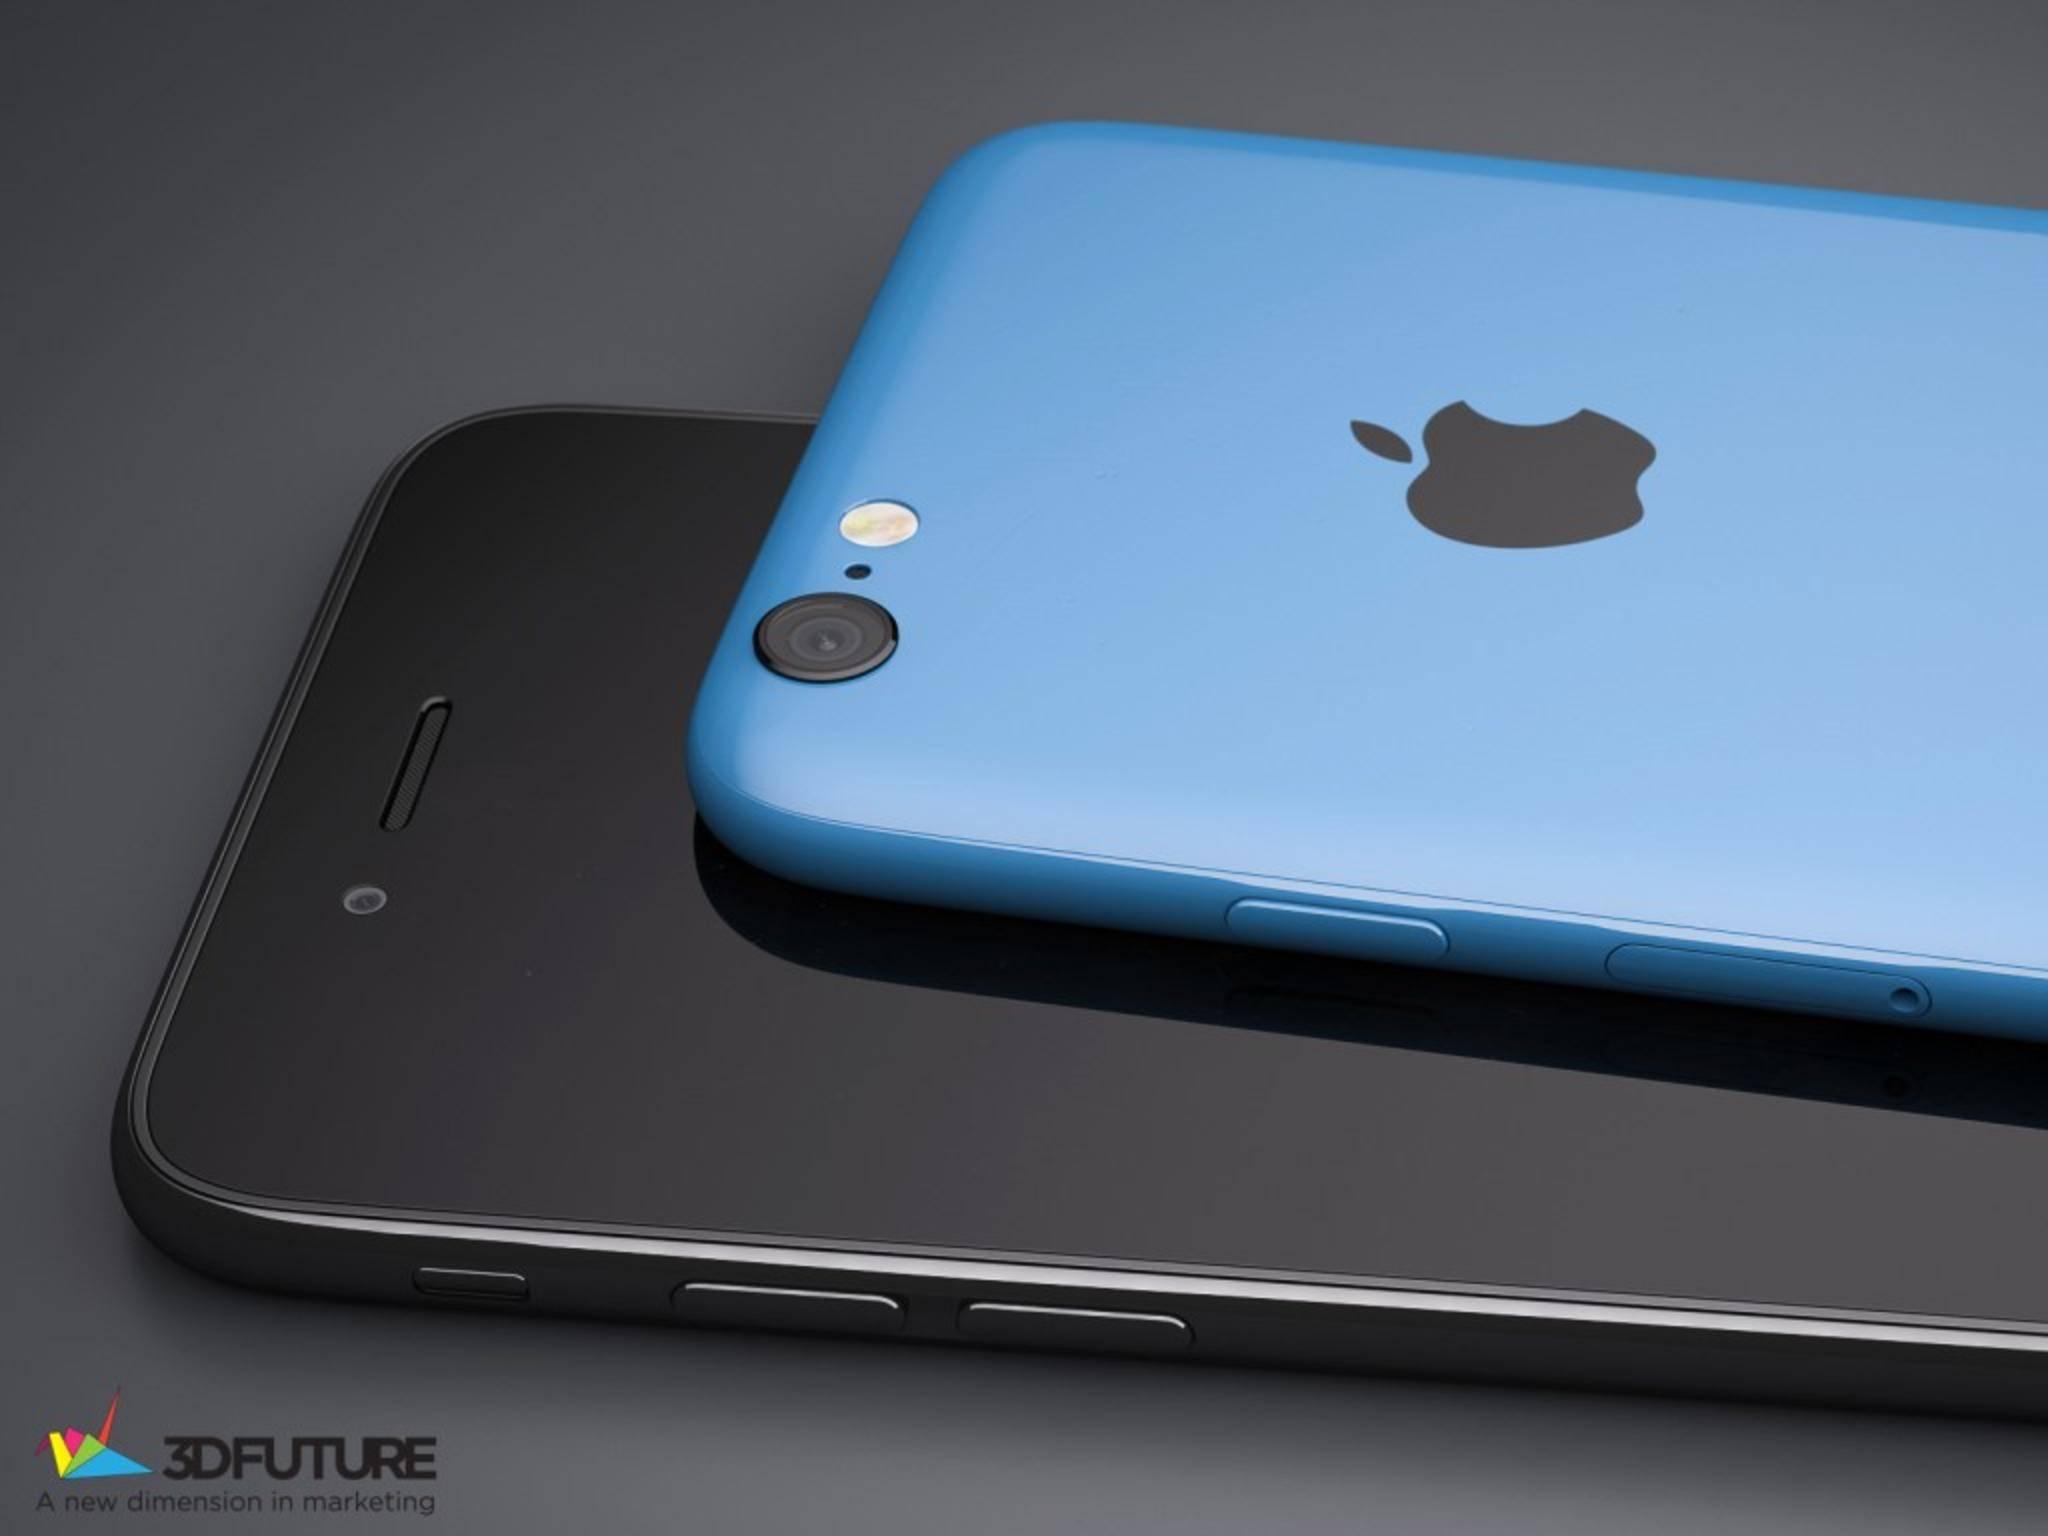 Kommt das iPhone 6s vielleicht früher als gedacht?